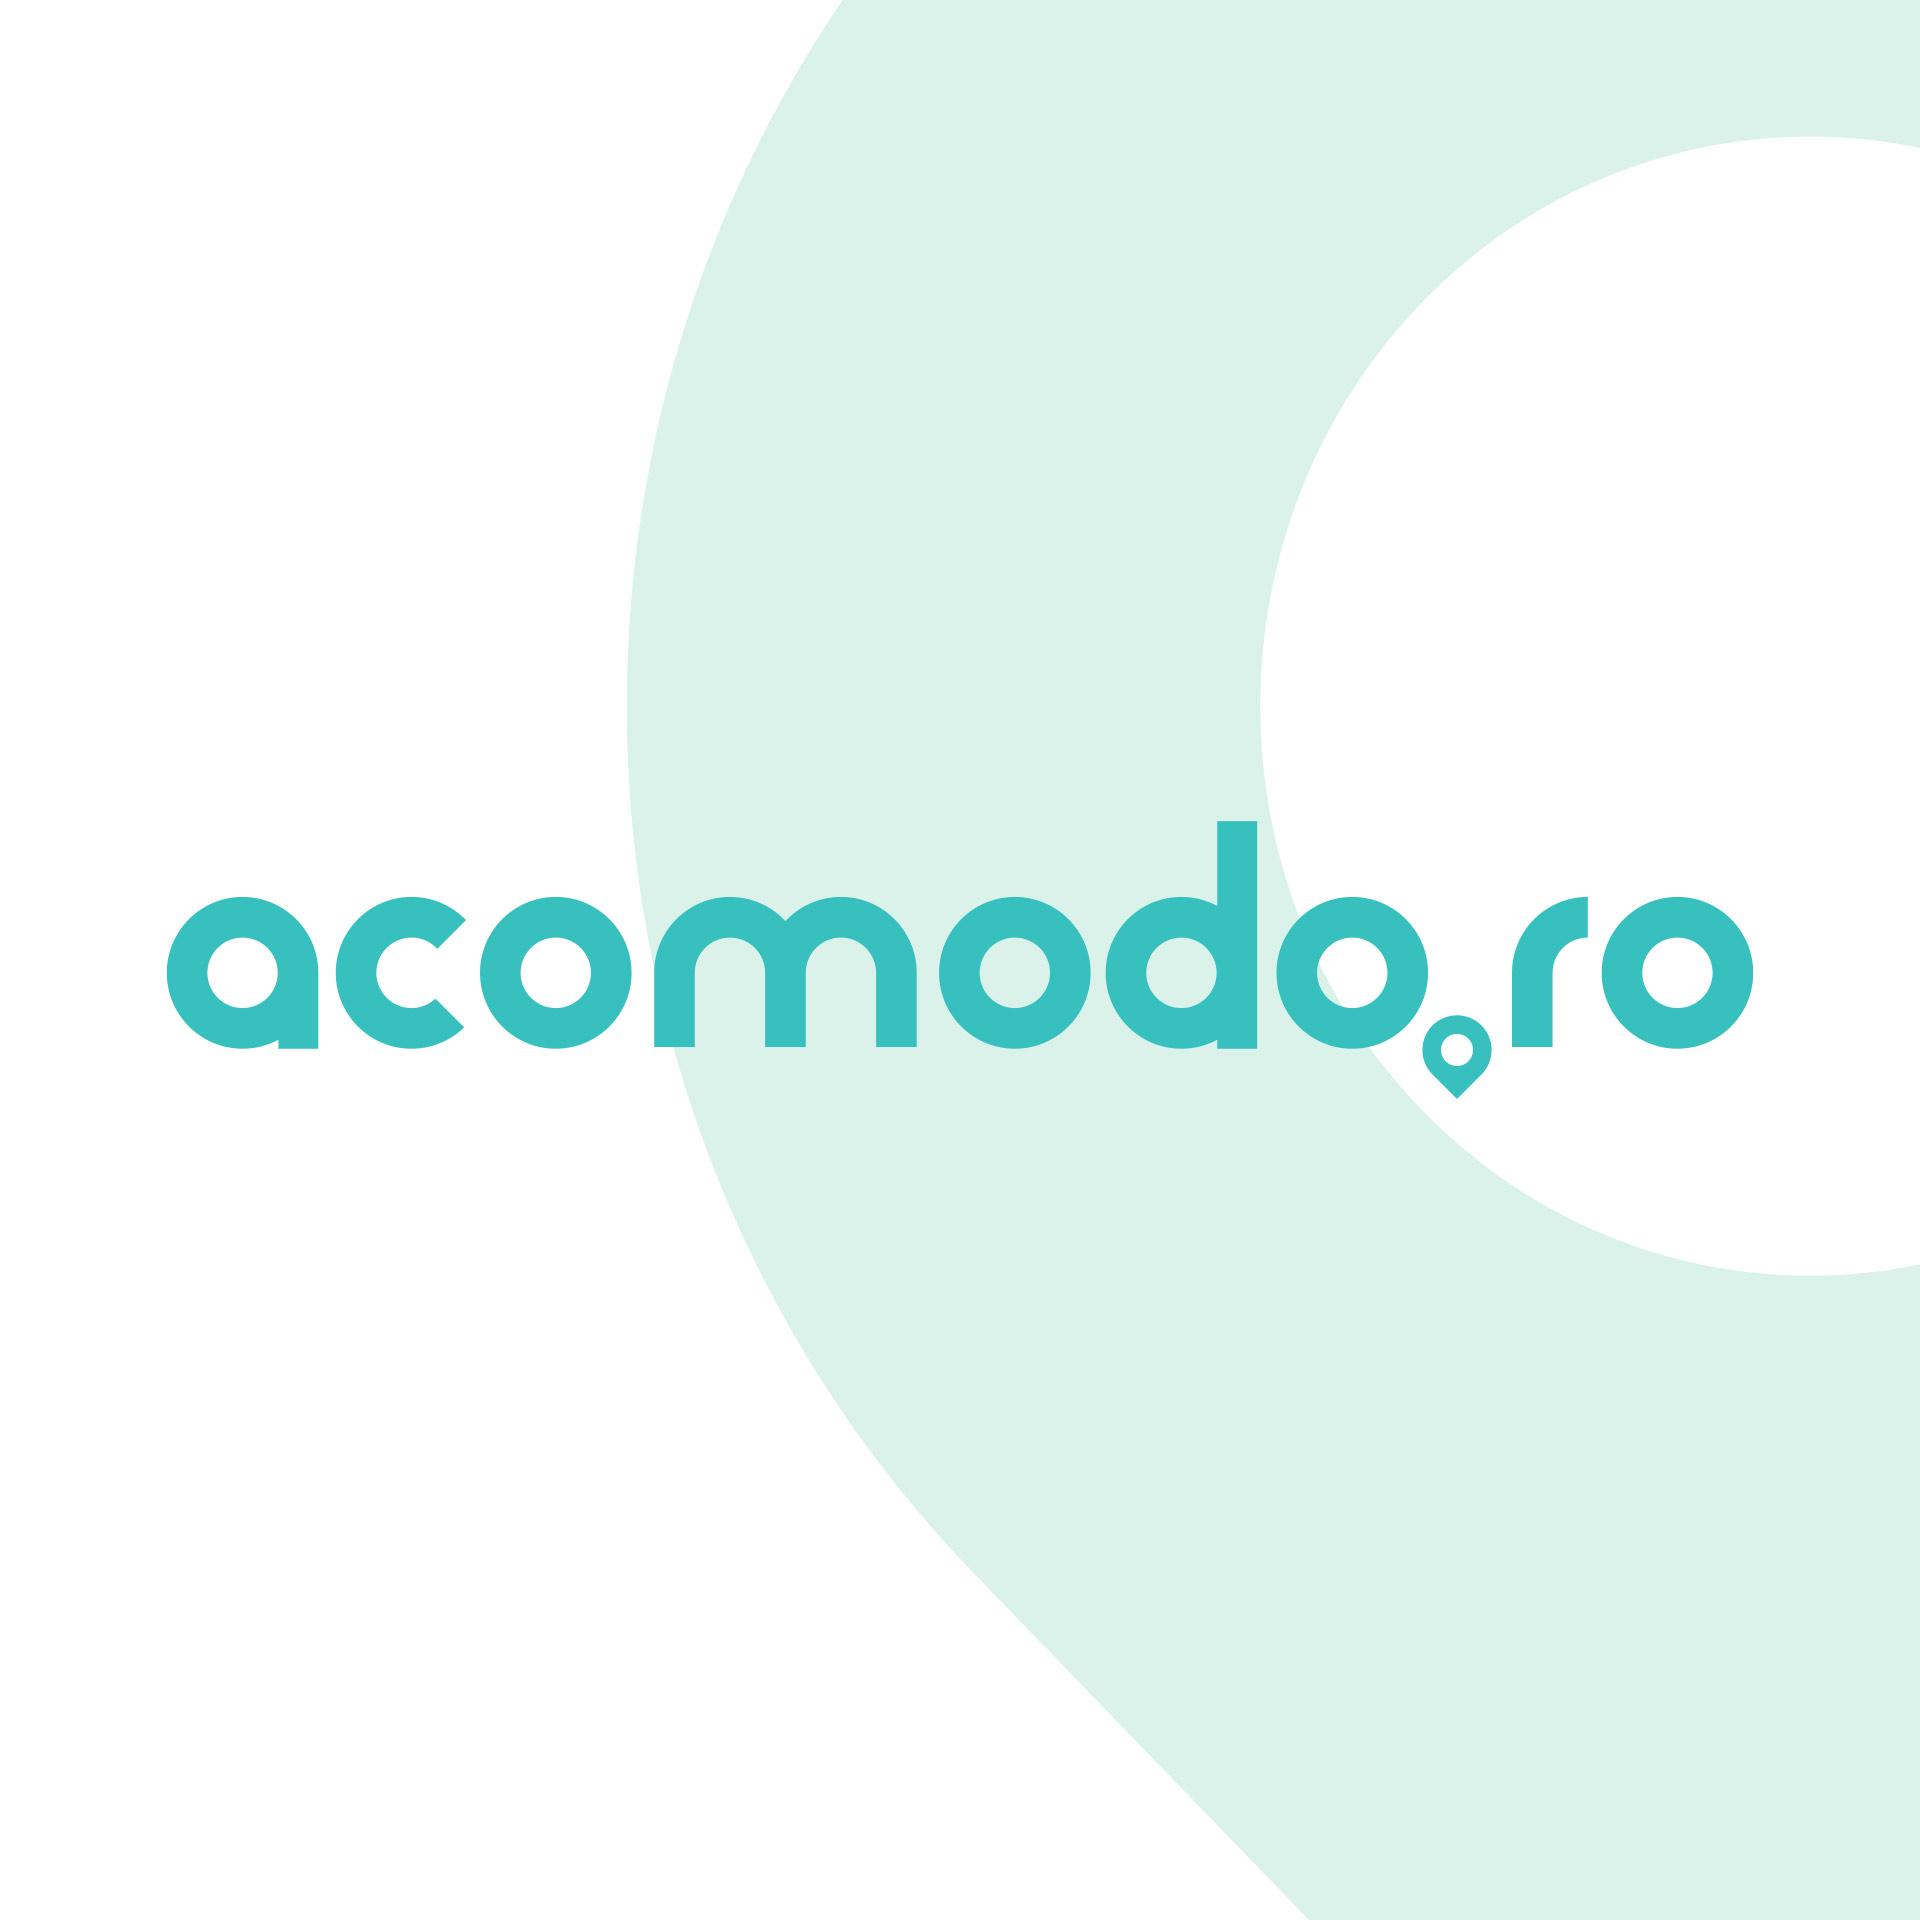 acomodoro